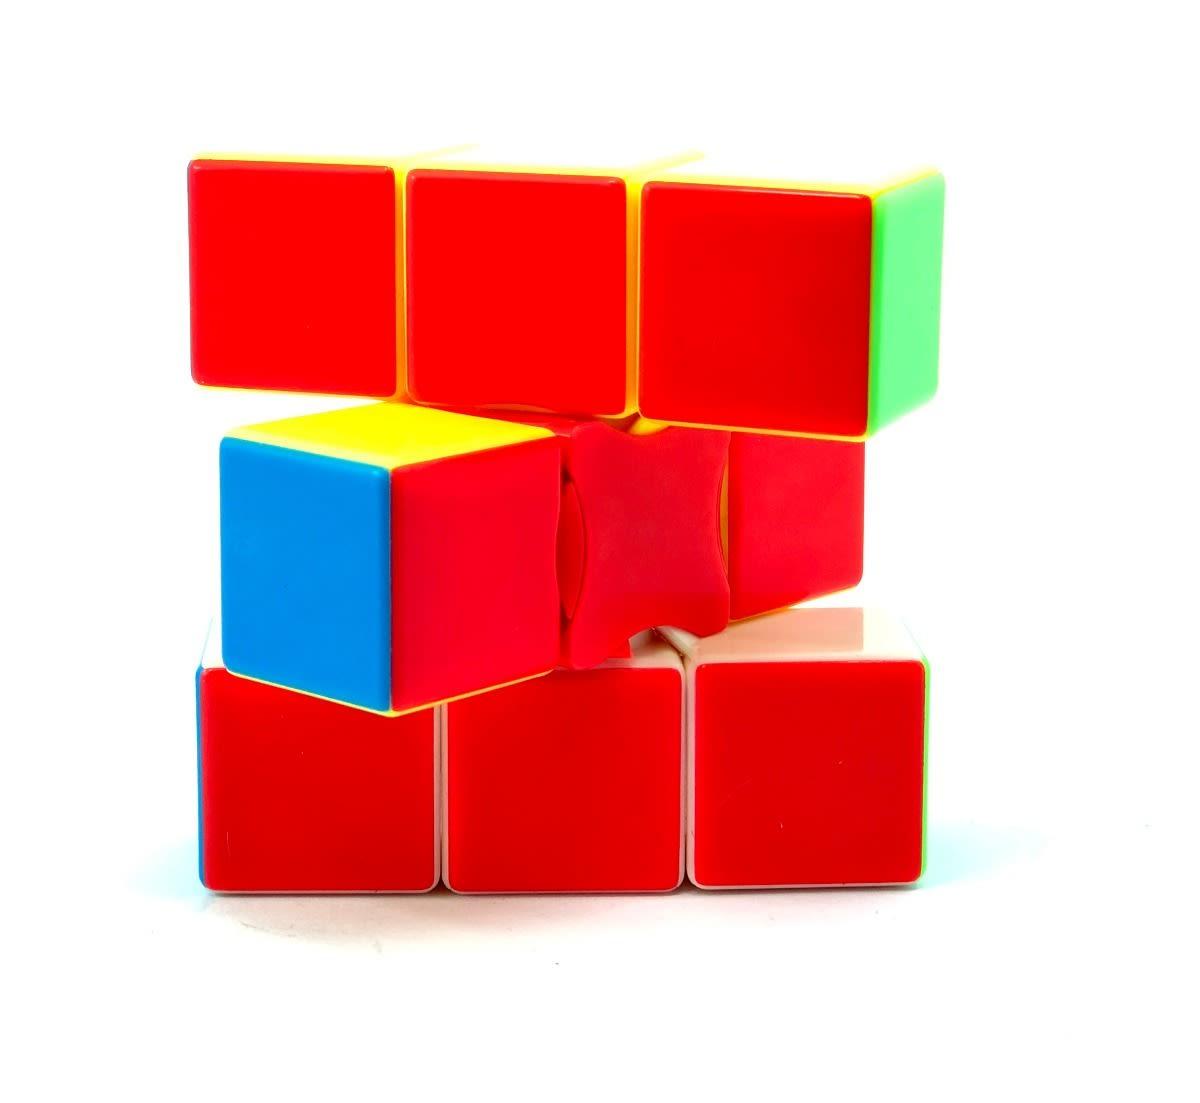 3x3x1 YJ